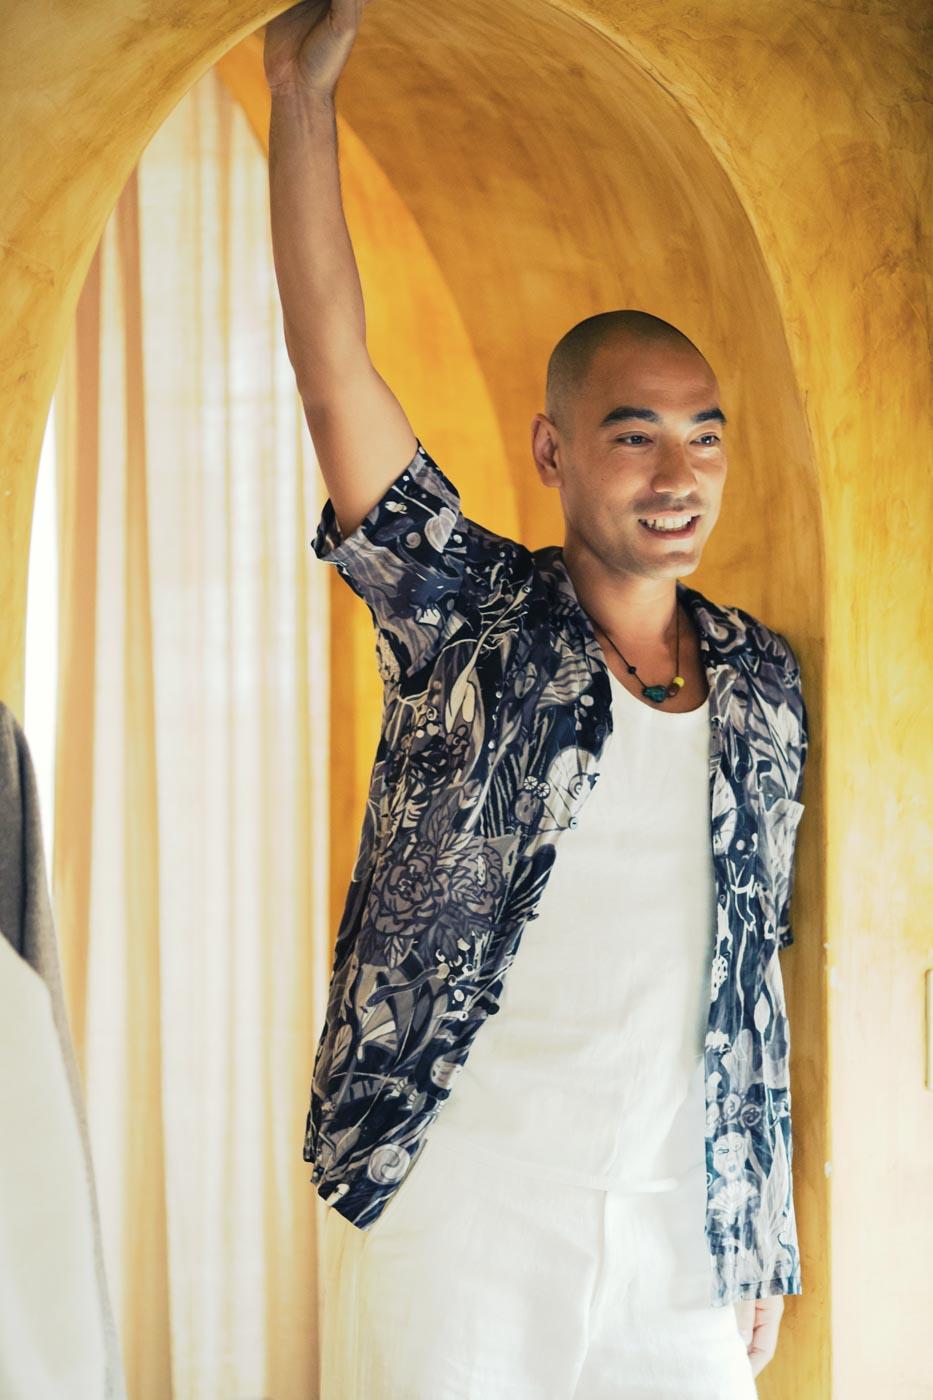 Jurgen Lehl Shirt of Ramie Fabric